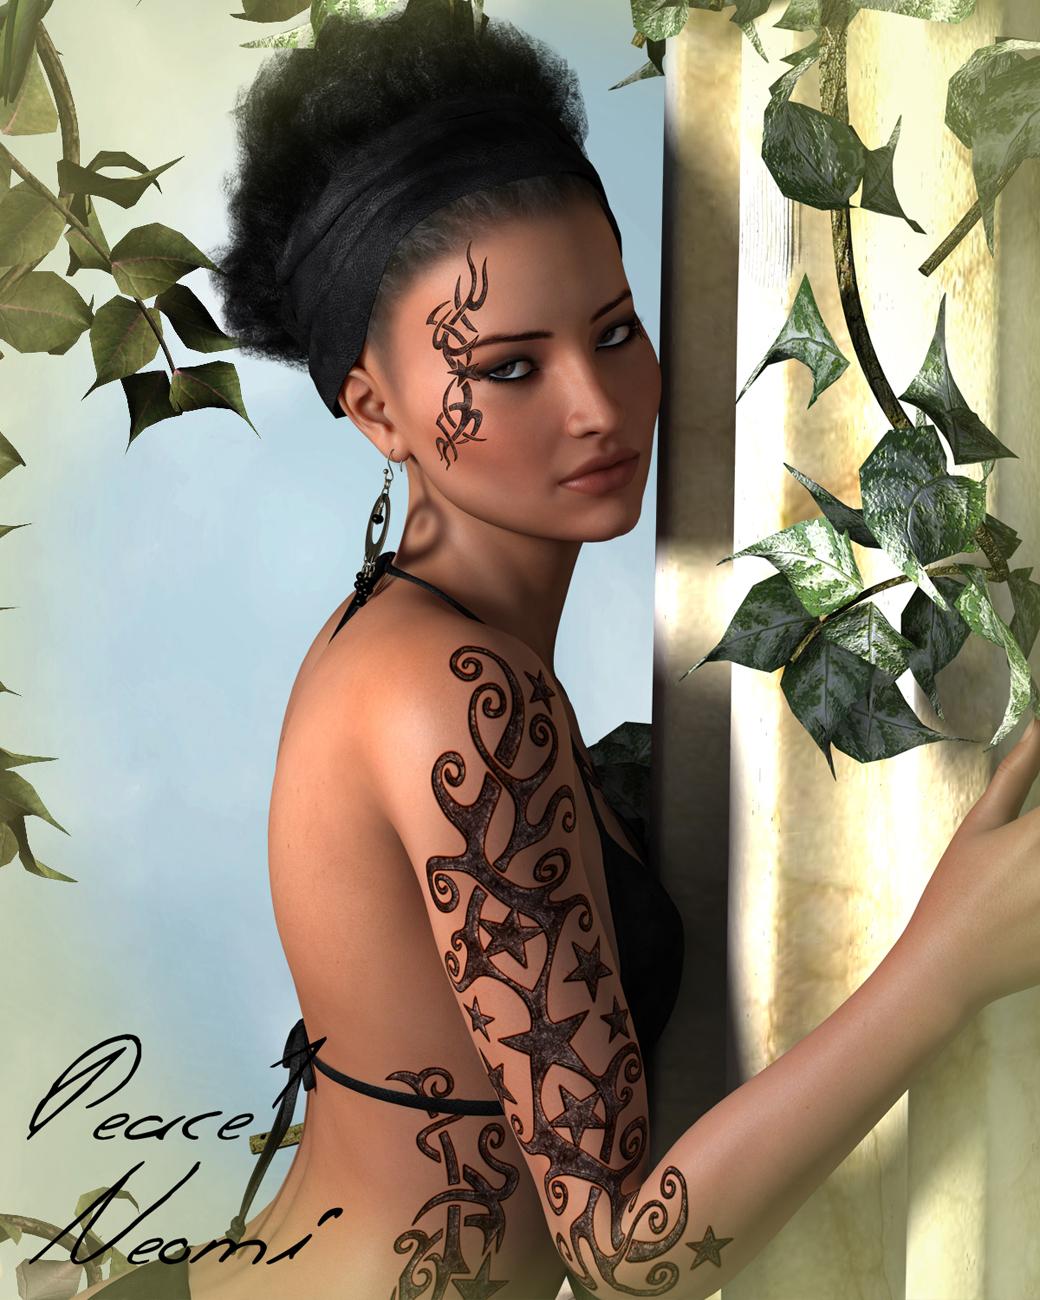 FW Neomi by: Fred Winkler Art, 3D Models by Daz 3D